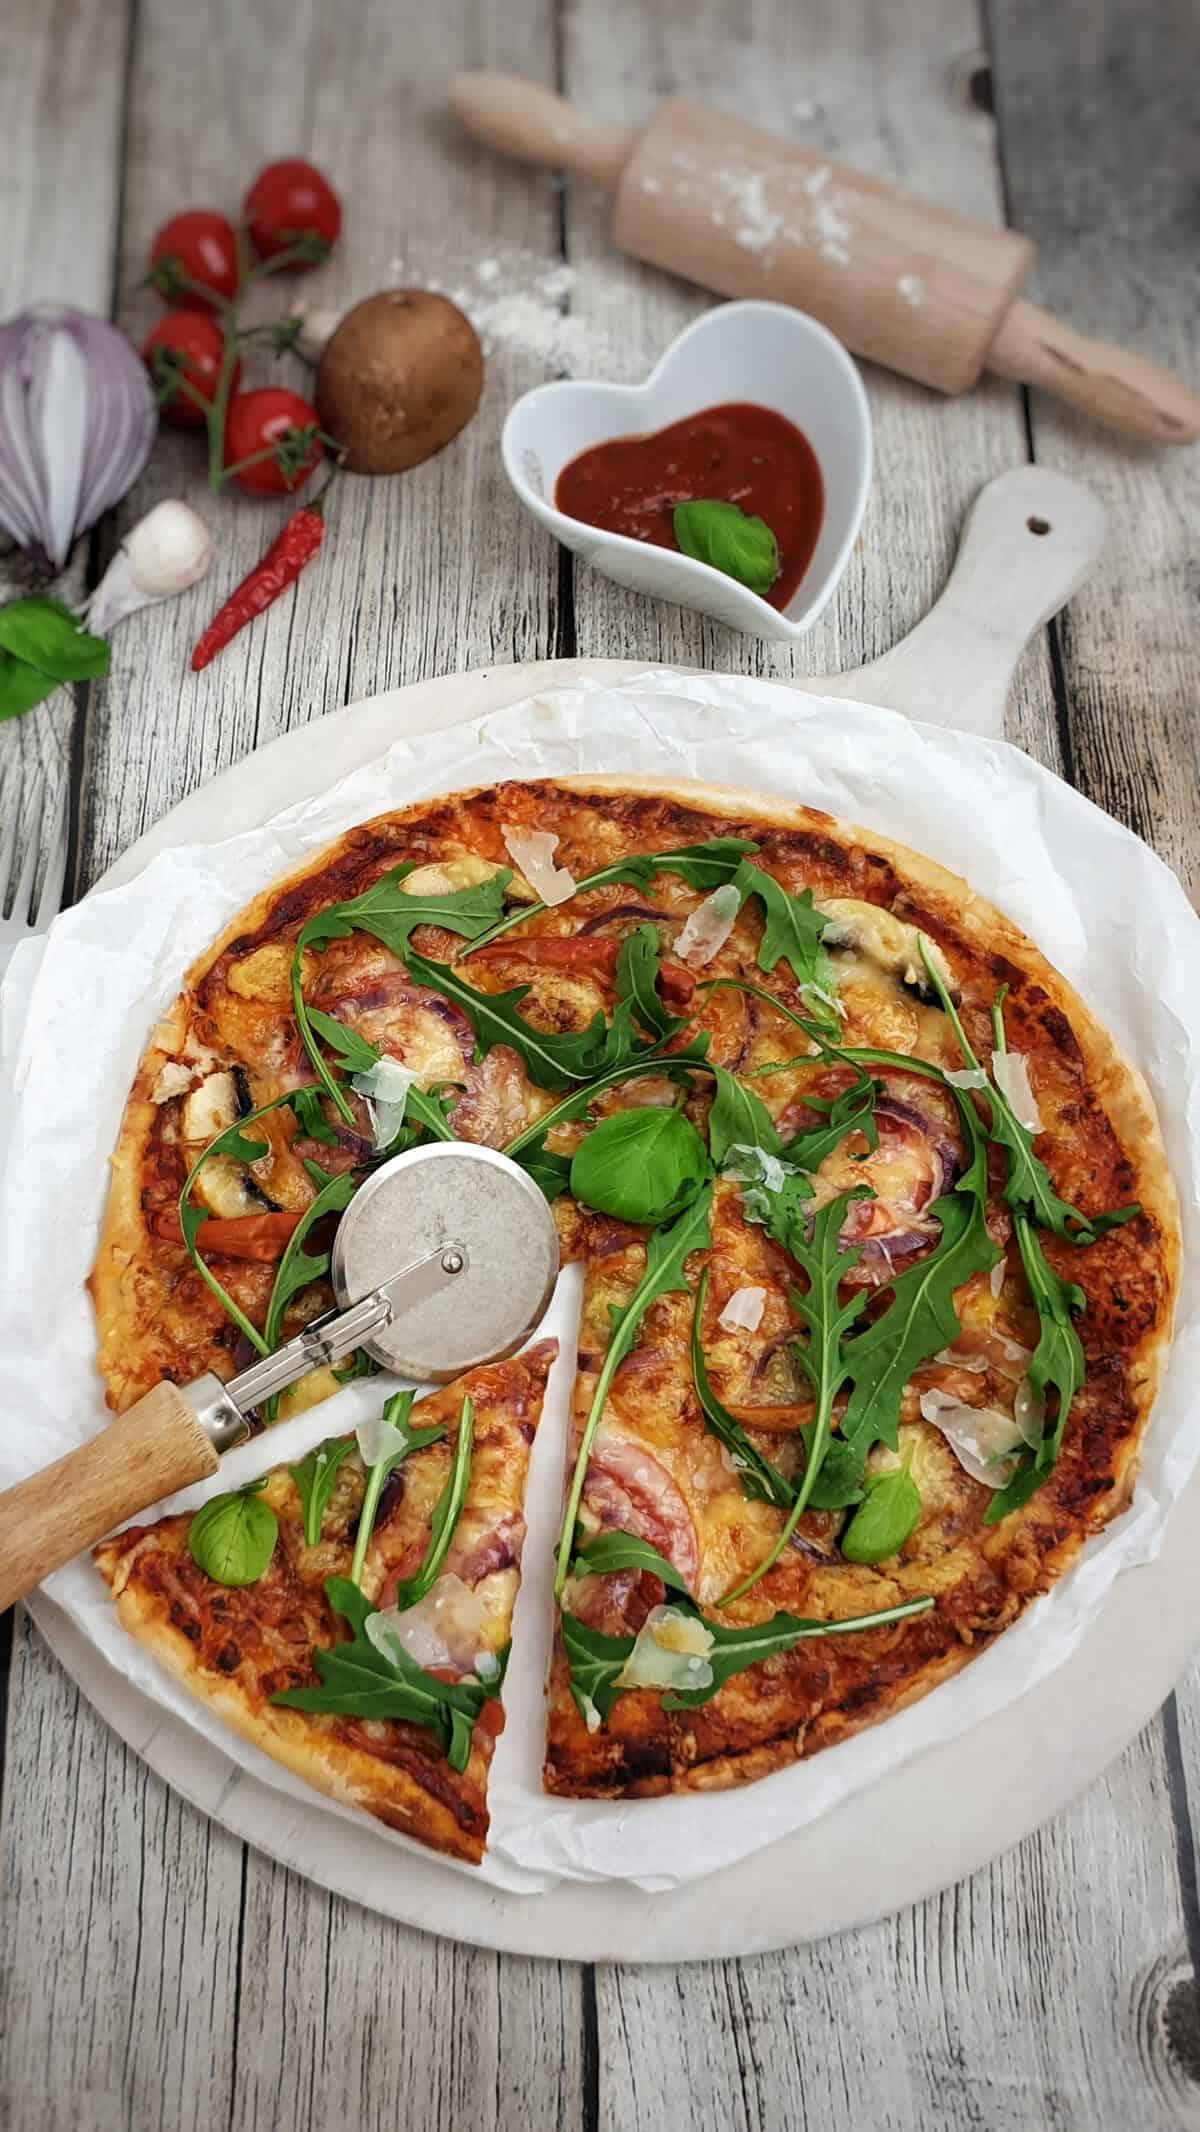 Auf einem mit Backpapier belegtem runden Brett eine Dinkel Pizza mit Champignons, Rucola, Zwiebeln und Käse.